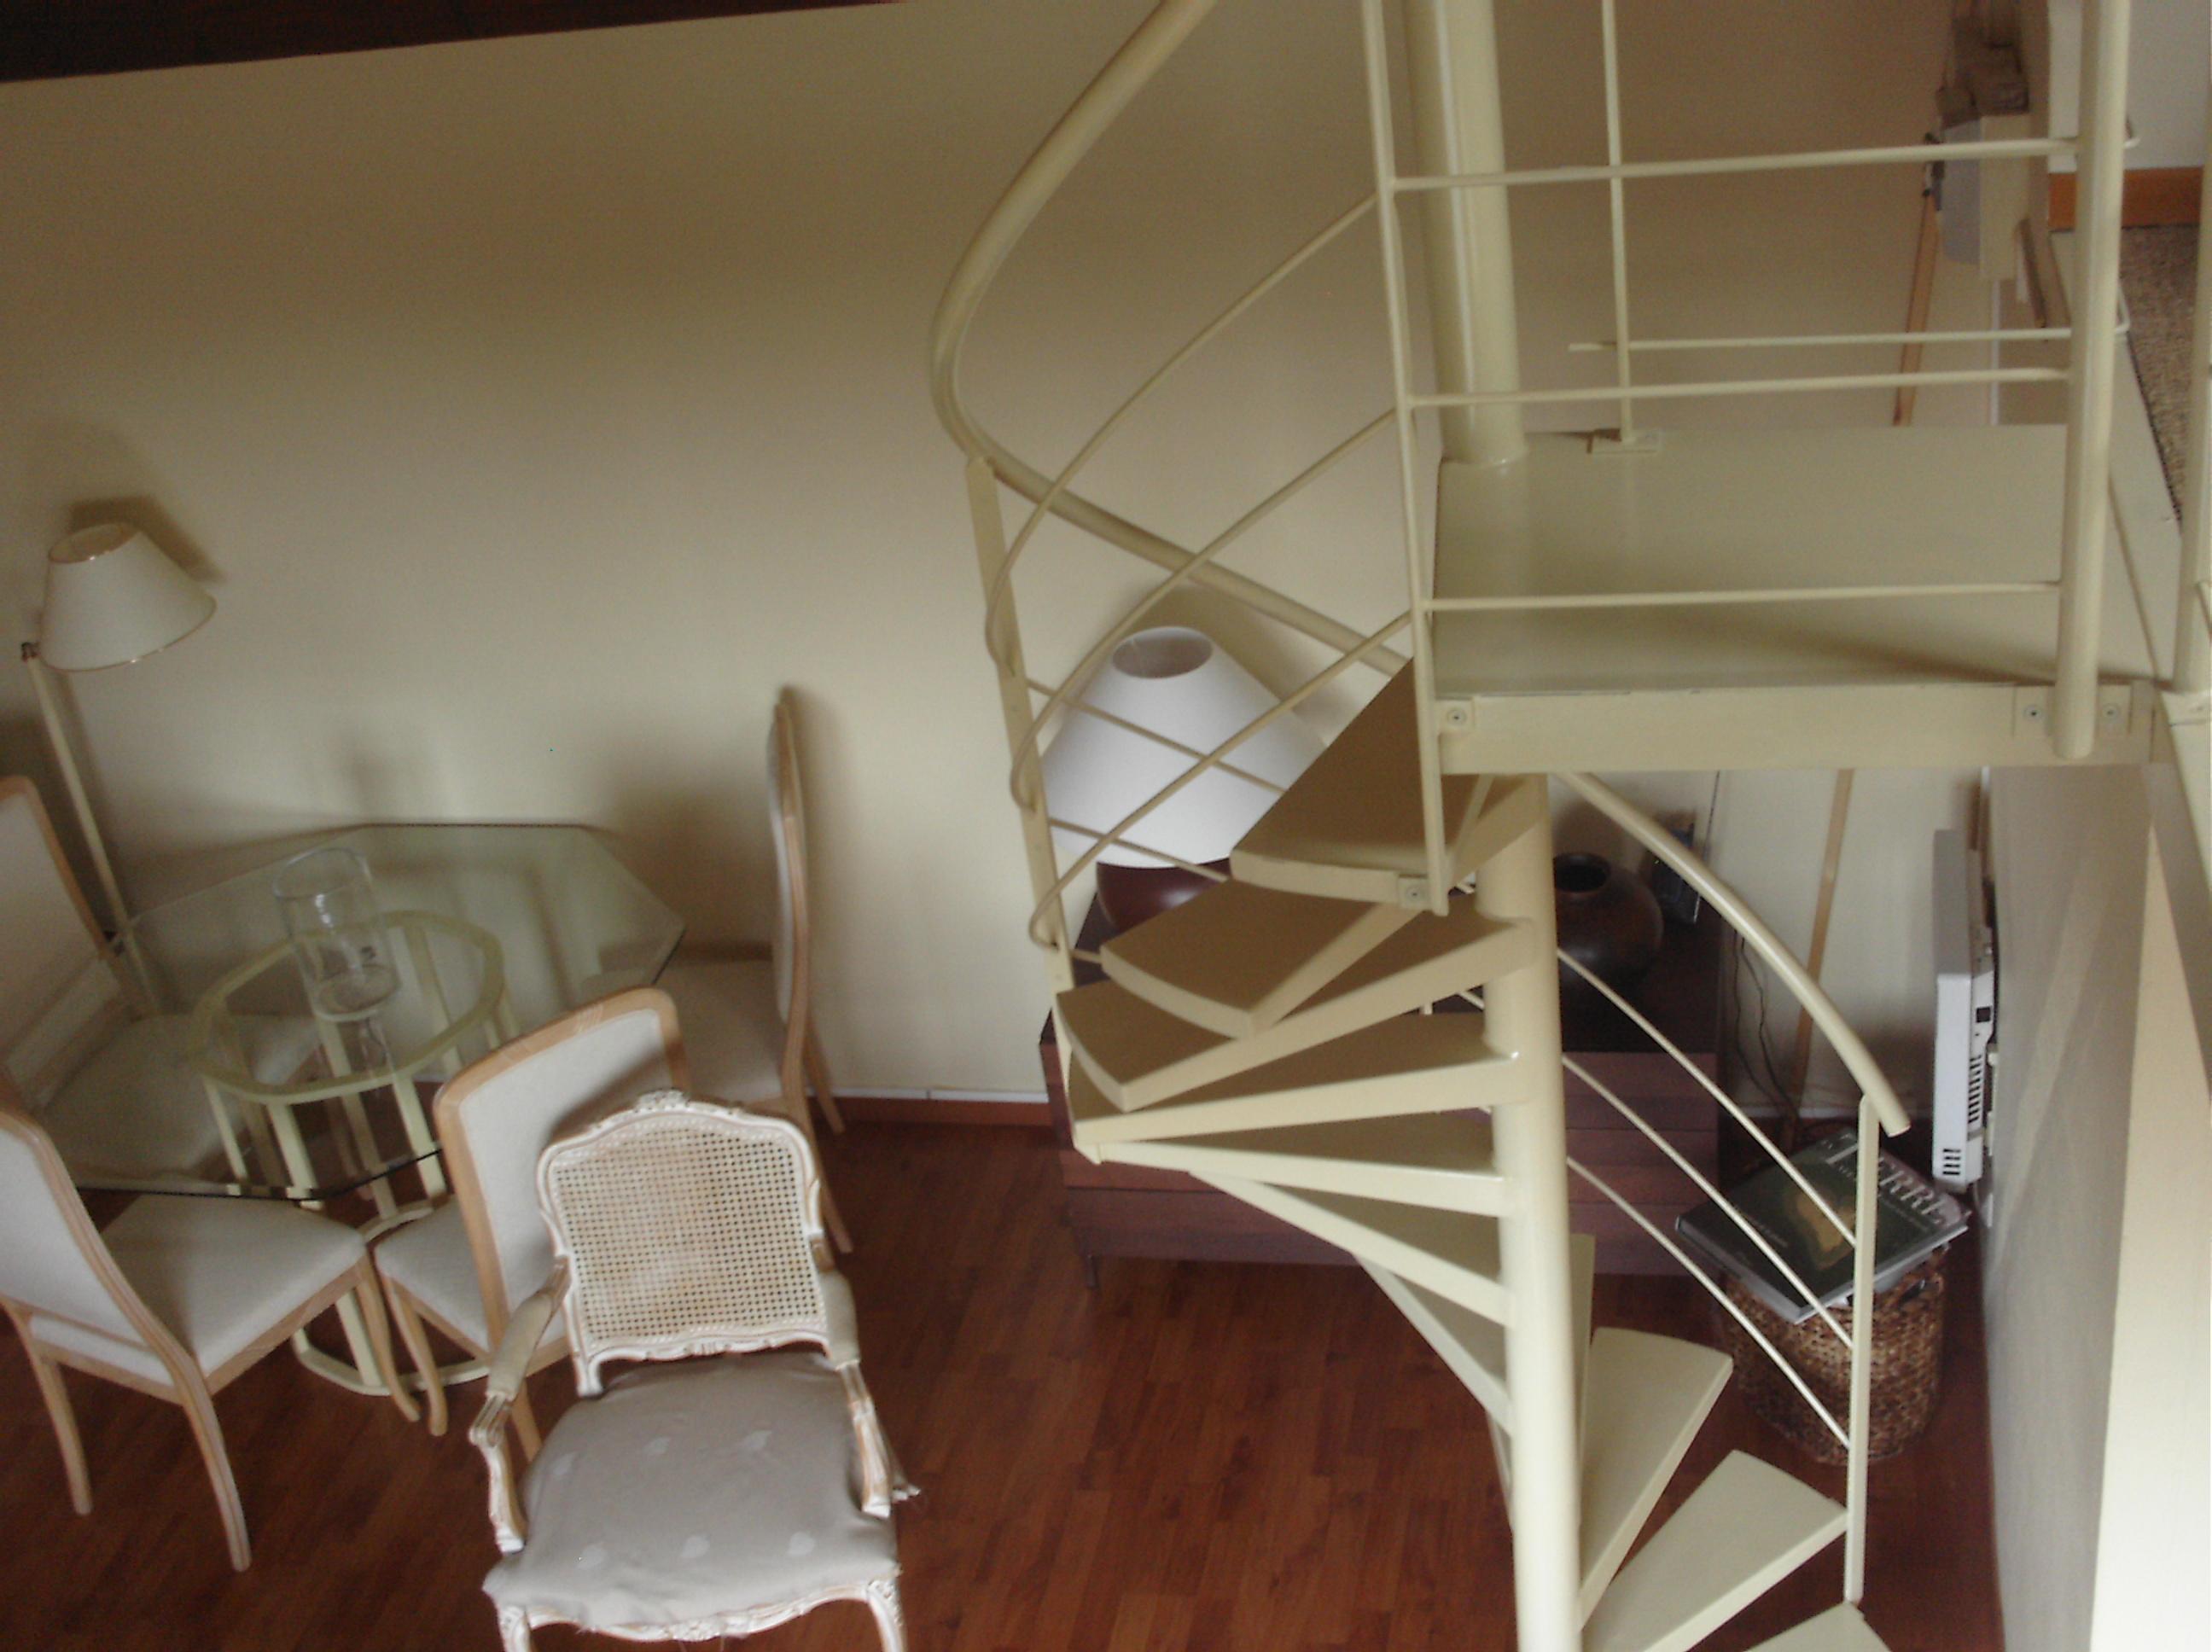 ESCALIERS INTÉRIEURS HÉLICOÏDAUX - Billiet - Escaliers d\'art ...